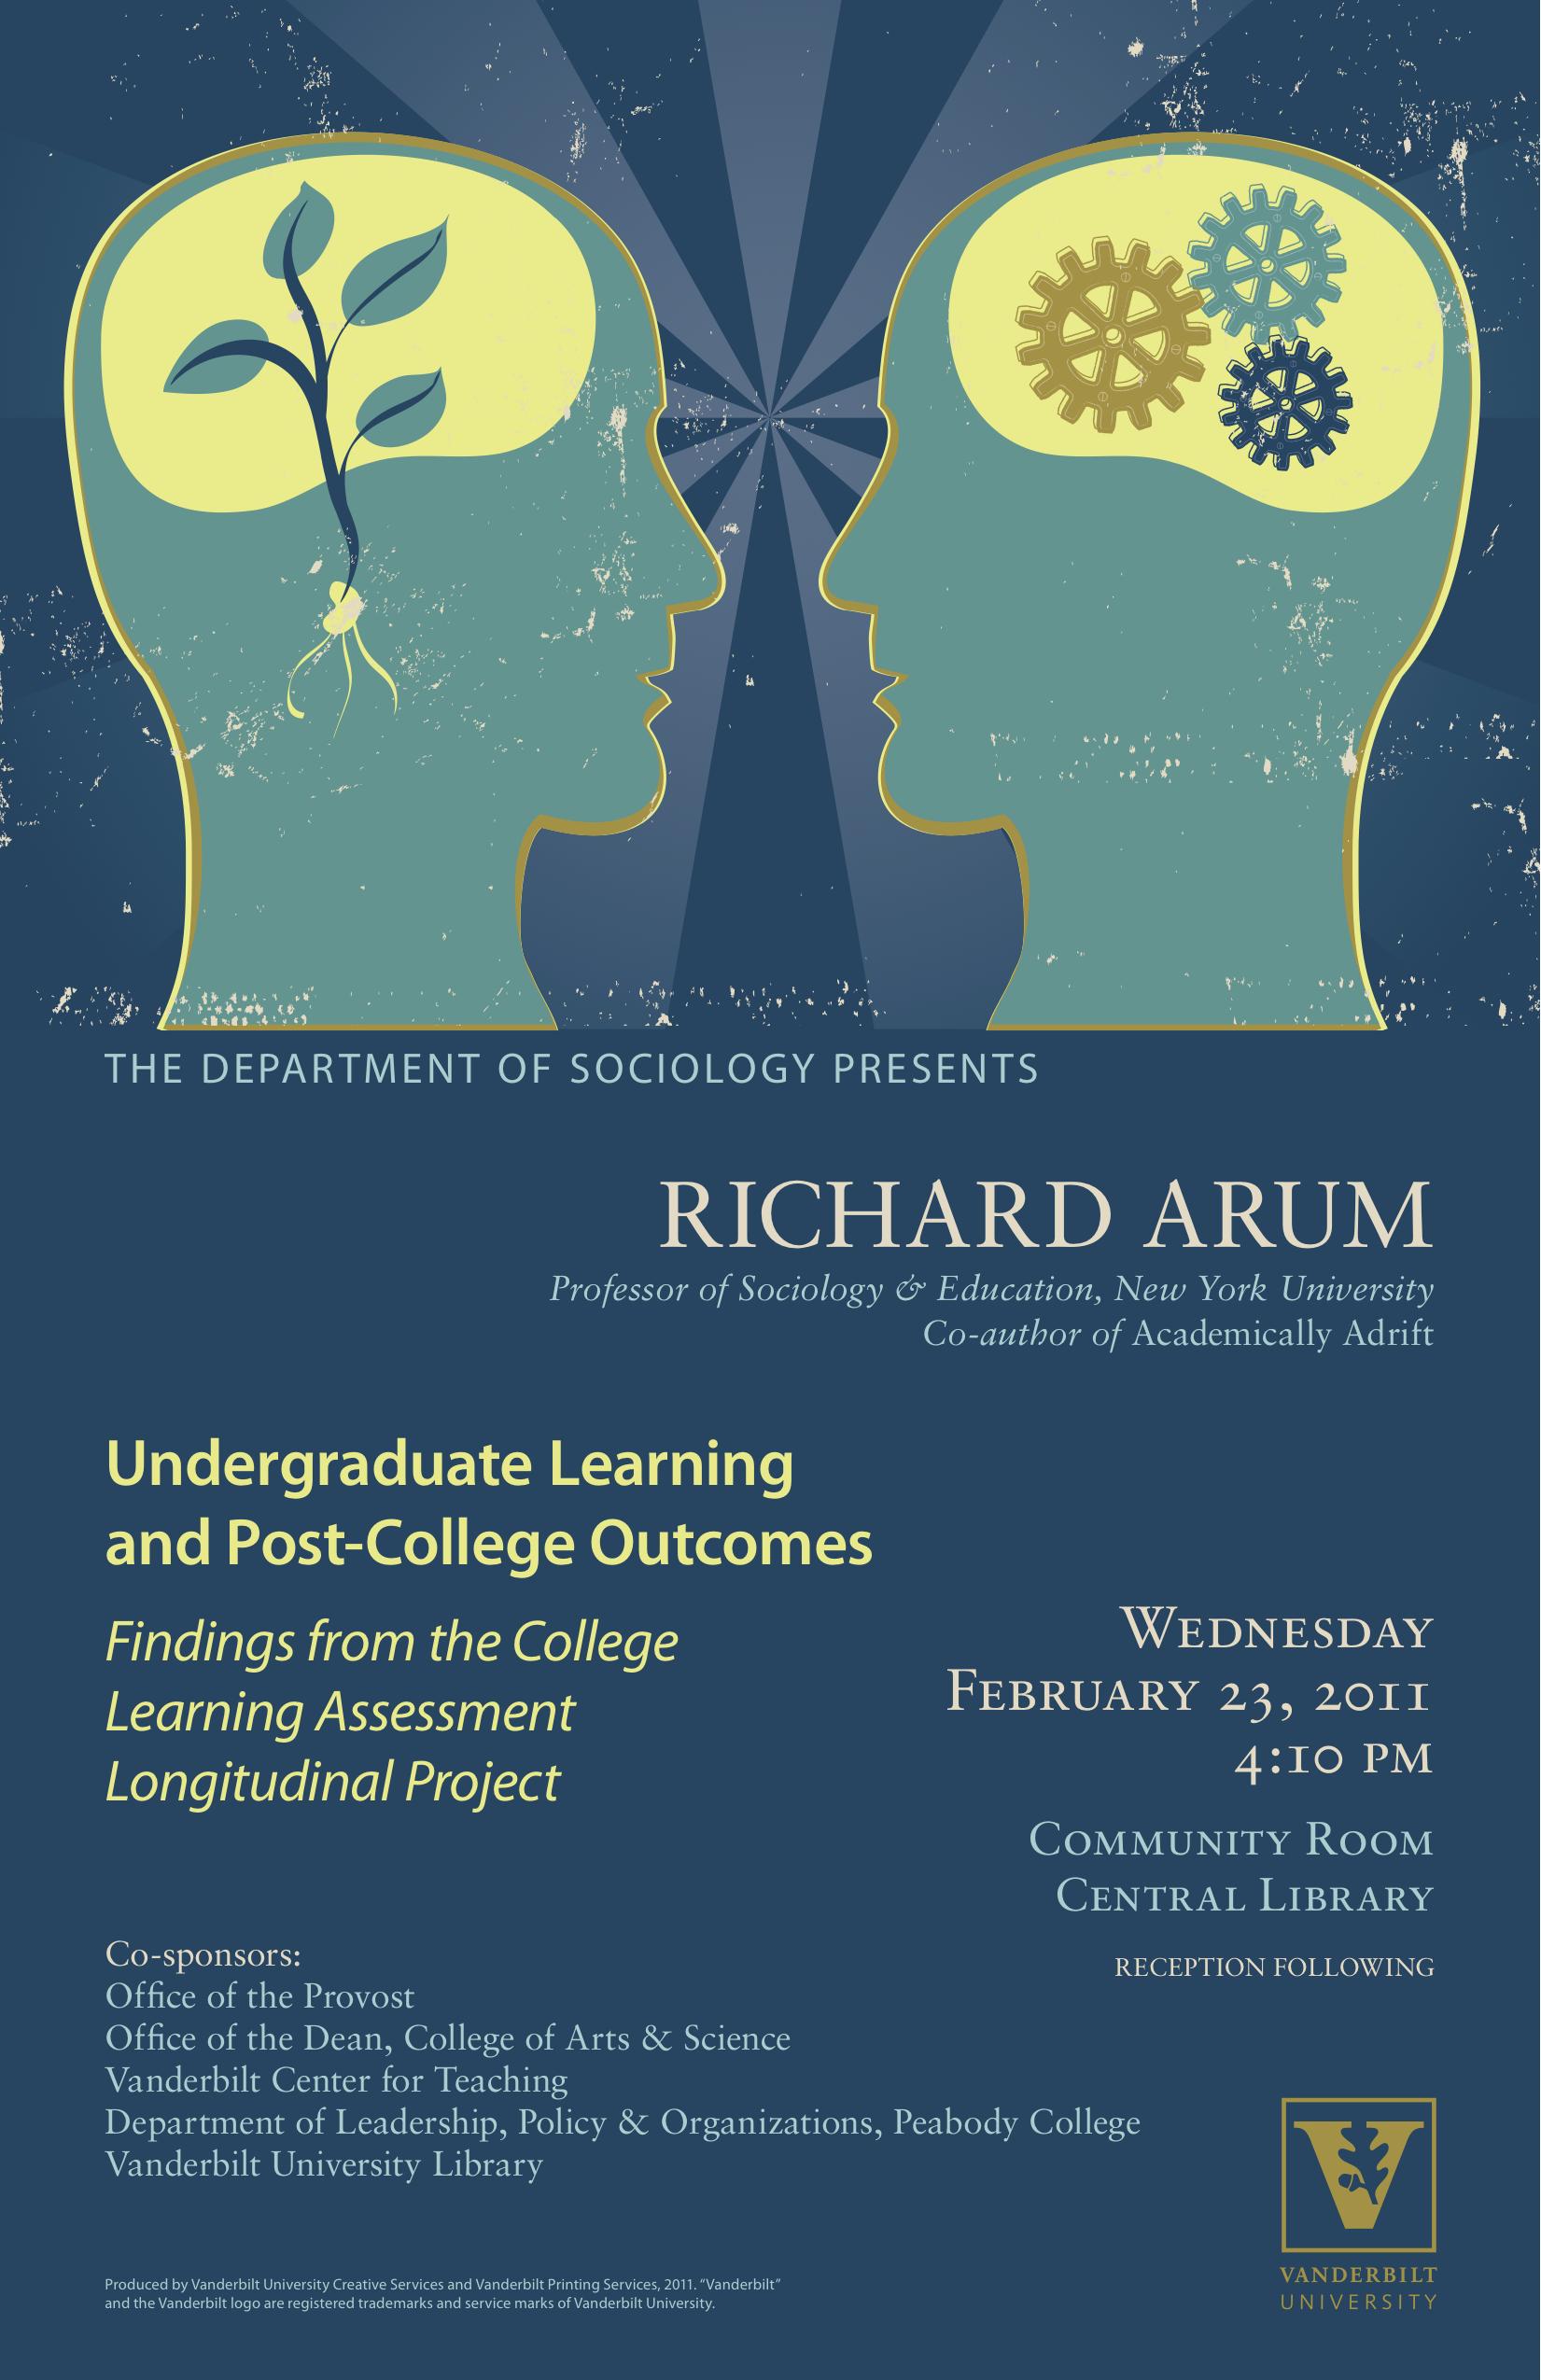 Arum Poster   Center for Teaching   Vanderbilt University